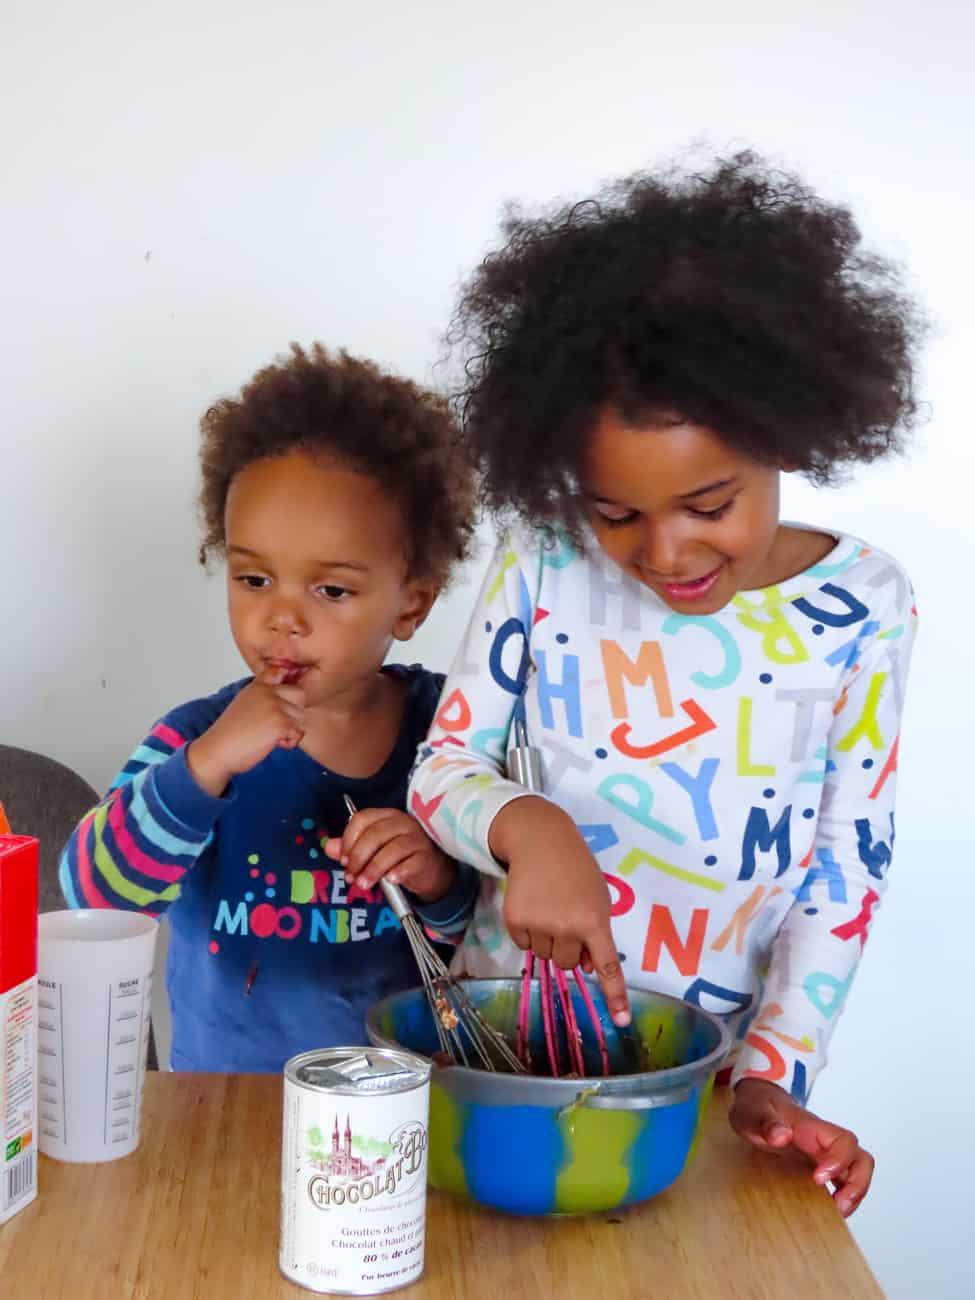 cuisiner-avec-enfants-recettes-17